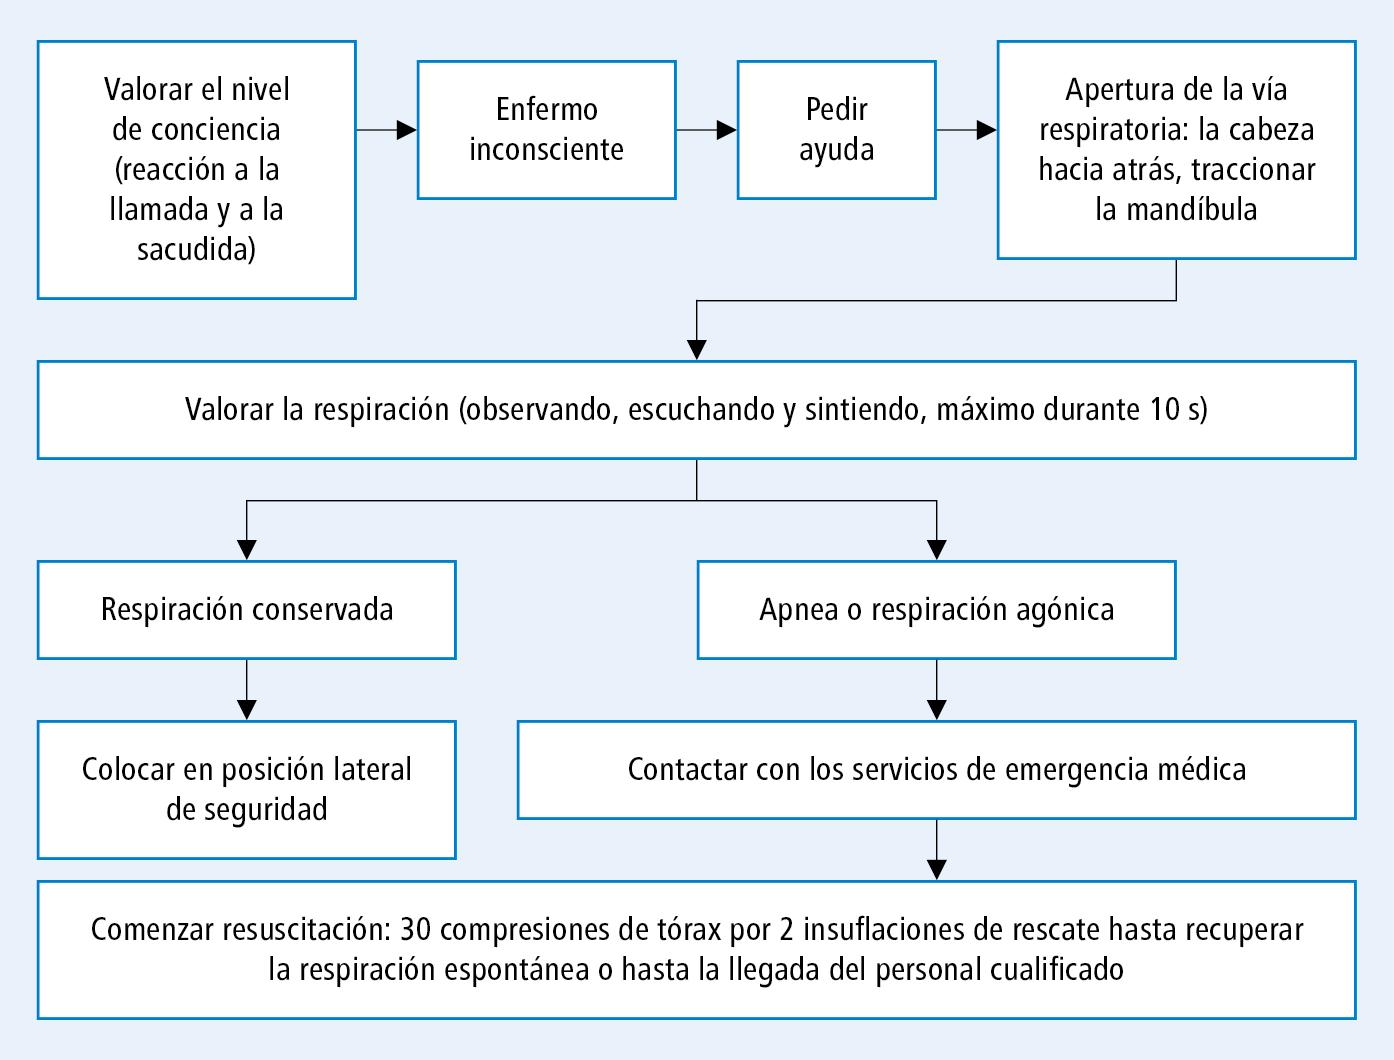 Algoritmo de soporte vital básico SVB (según las guías de la ERC)